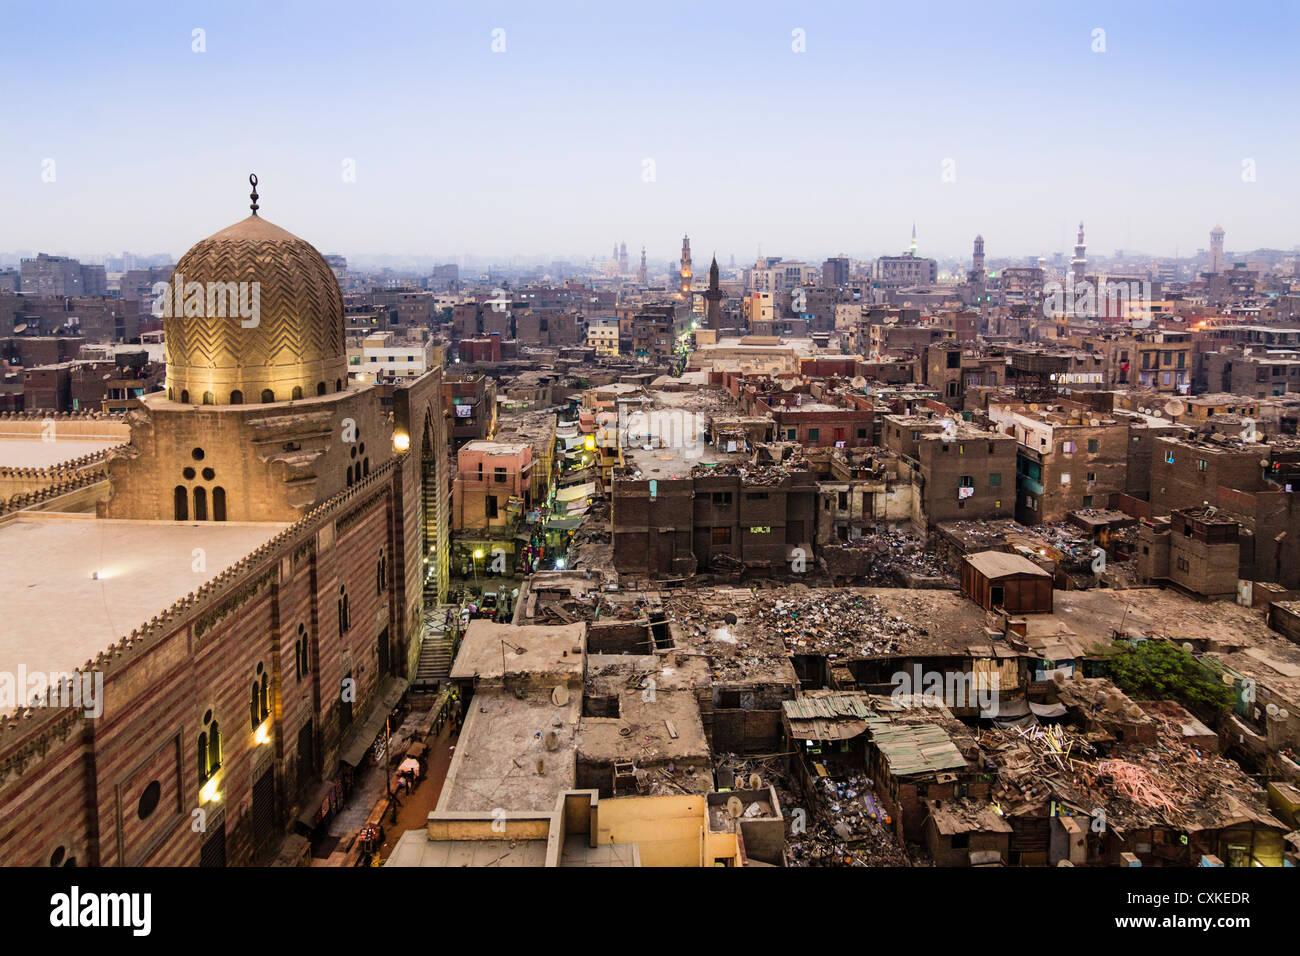 Sommaire du Caire islamique avec la mosquée de Sultan al-Muayyad et bâtiments au toit à l'abandon. Photo Stock